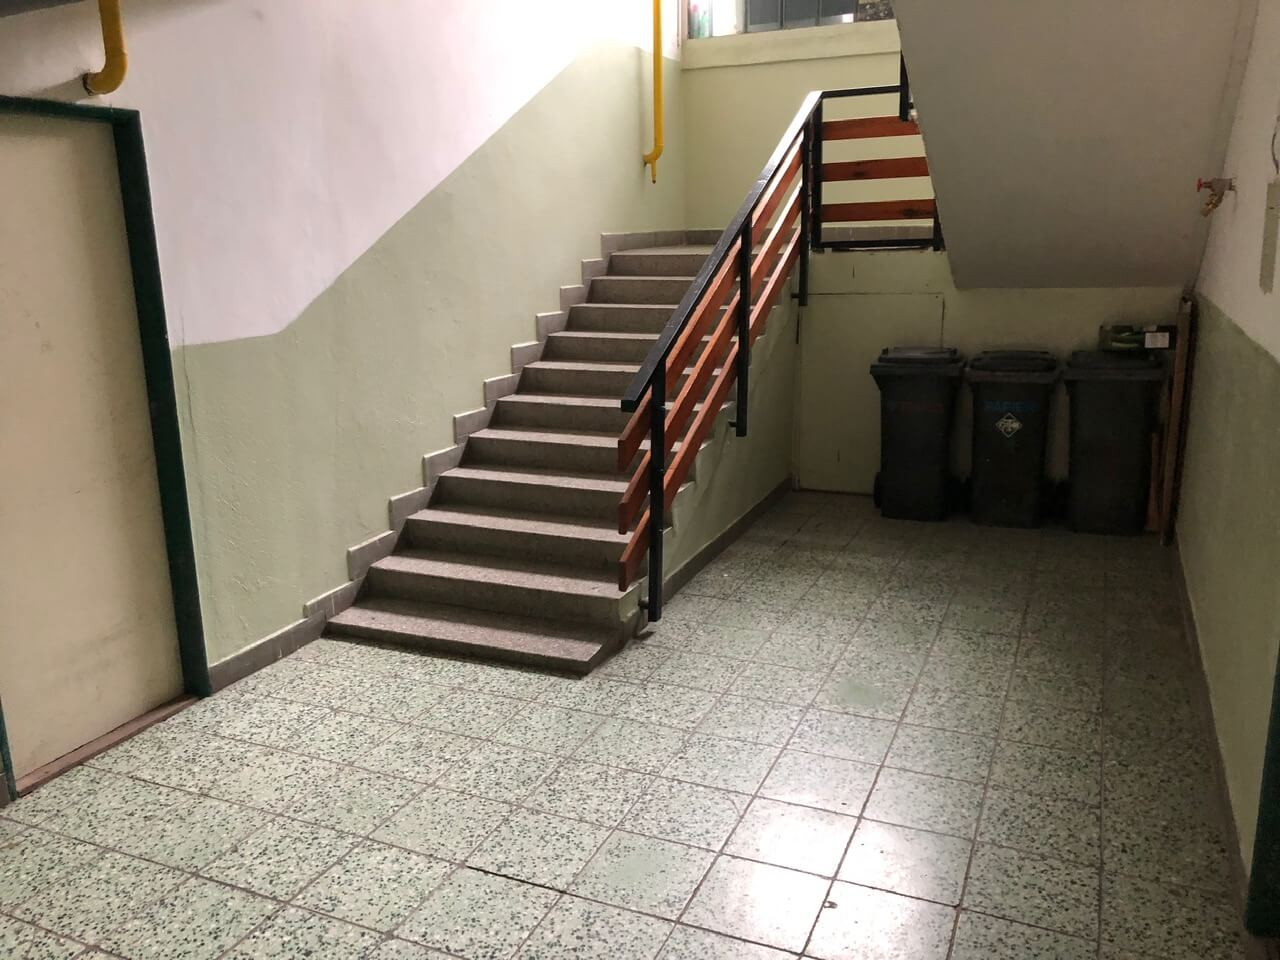 Exkluzívne na predaj 3 izb. byt, 81,7m2, balkón 5 m2, pivnica 6m2, garáž, Dunajská Lužná, ulica Brezová-37